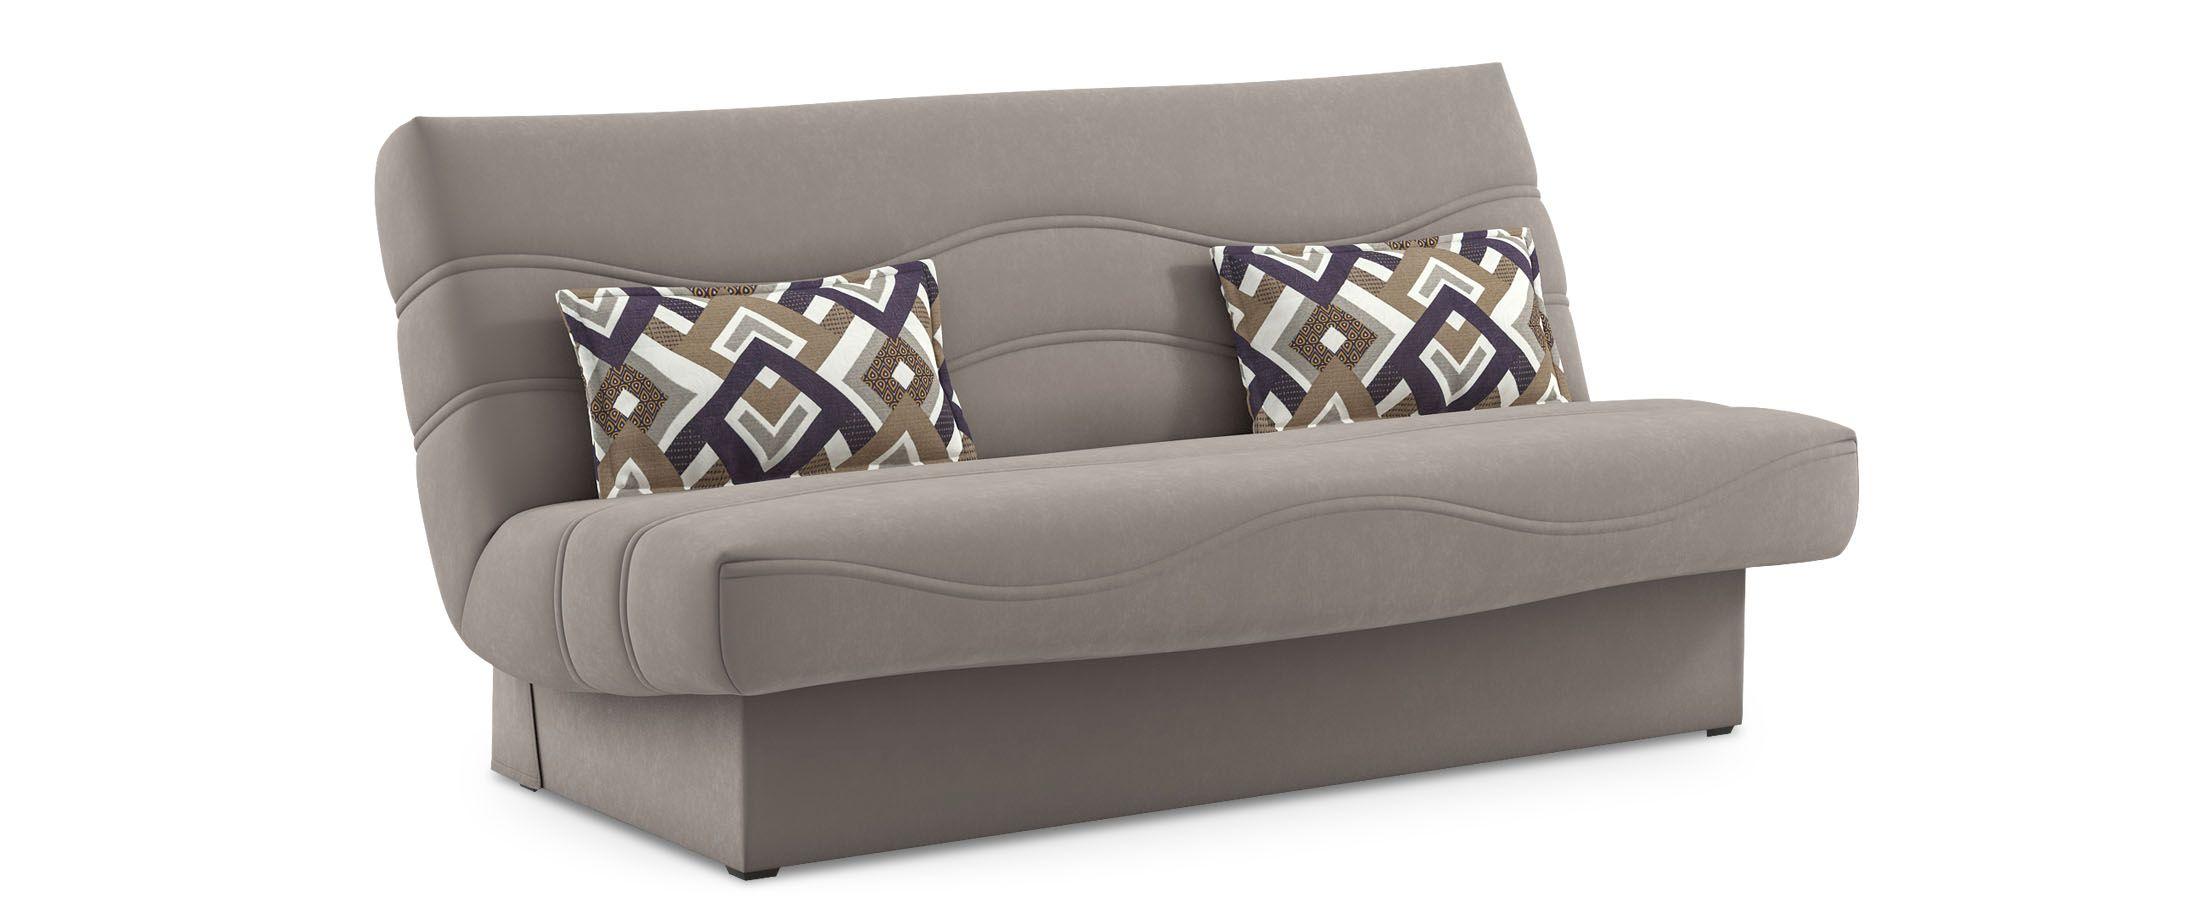 Диван прямой клик-кляк Баккара 037Гостевой вариант и полноценное спальное место. Размеры 200х108х105 см. Купить бежевый диван клик-кляк в интернет-магазине MOON TRADE.<br>